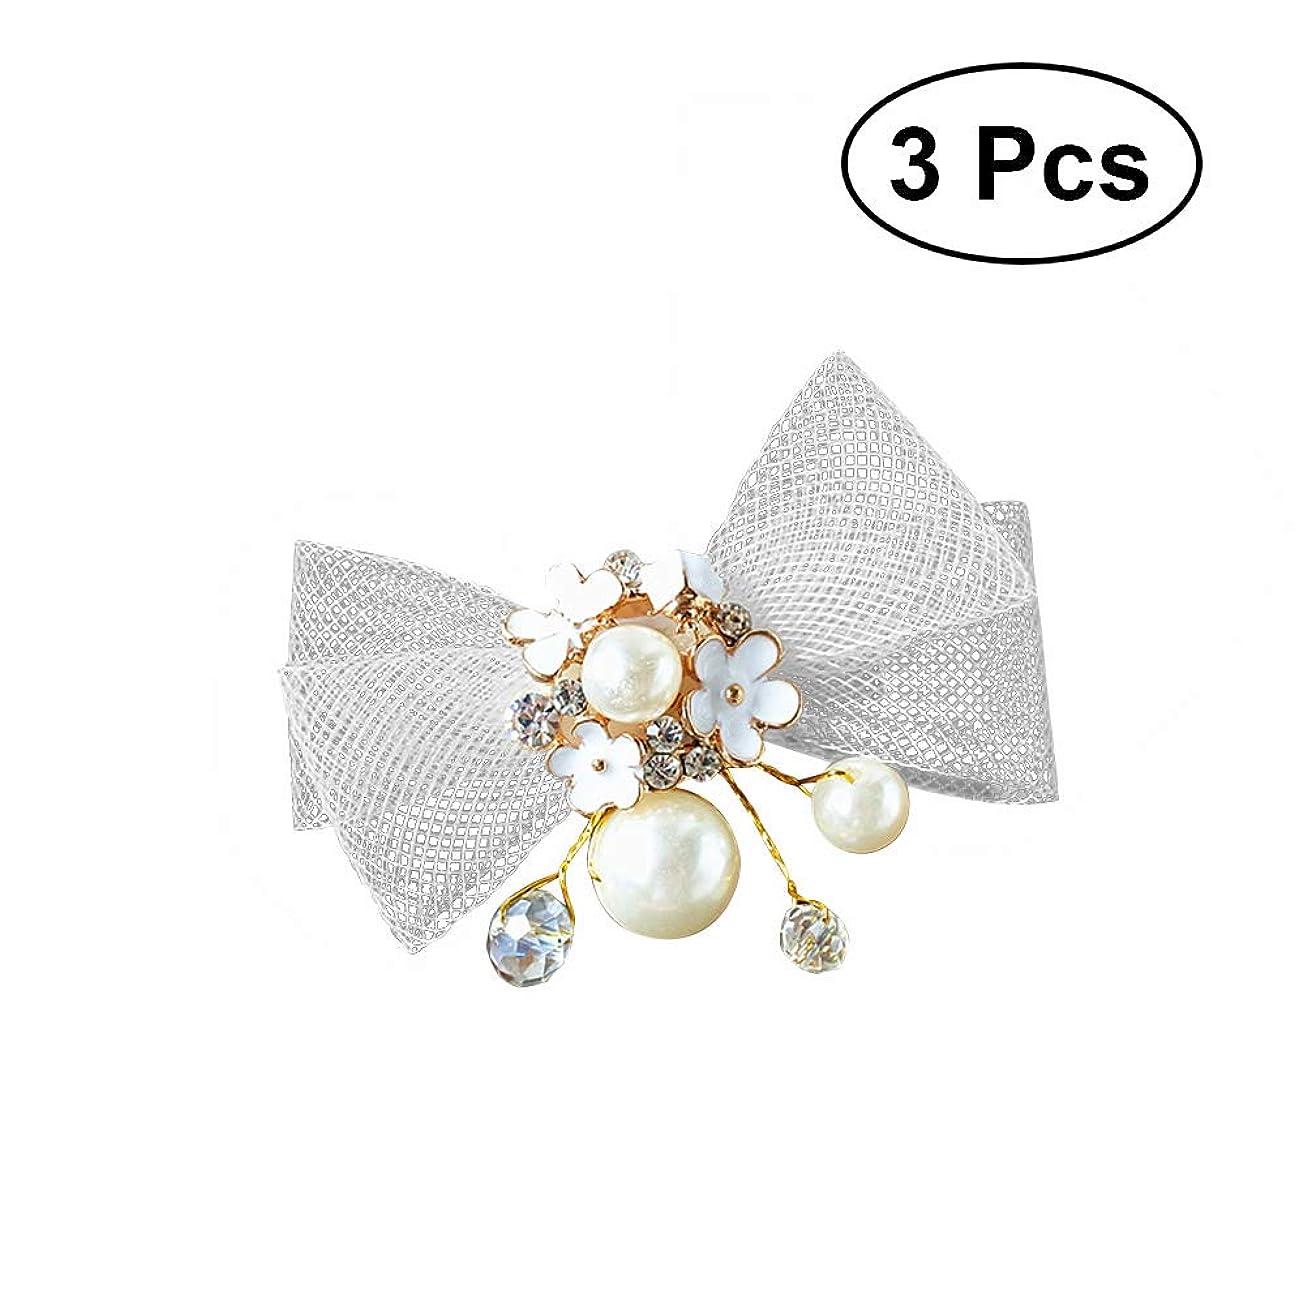 繰り返した抑圧するサリーLurrose 3ピースファッション手作り花嫁蝶ヘアピンクリスタルブライダルヘッドドレスパールヘアピンヘアクリップウェディングドレスアクセサリー